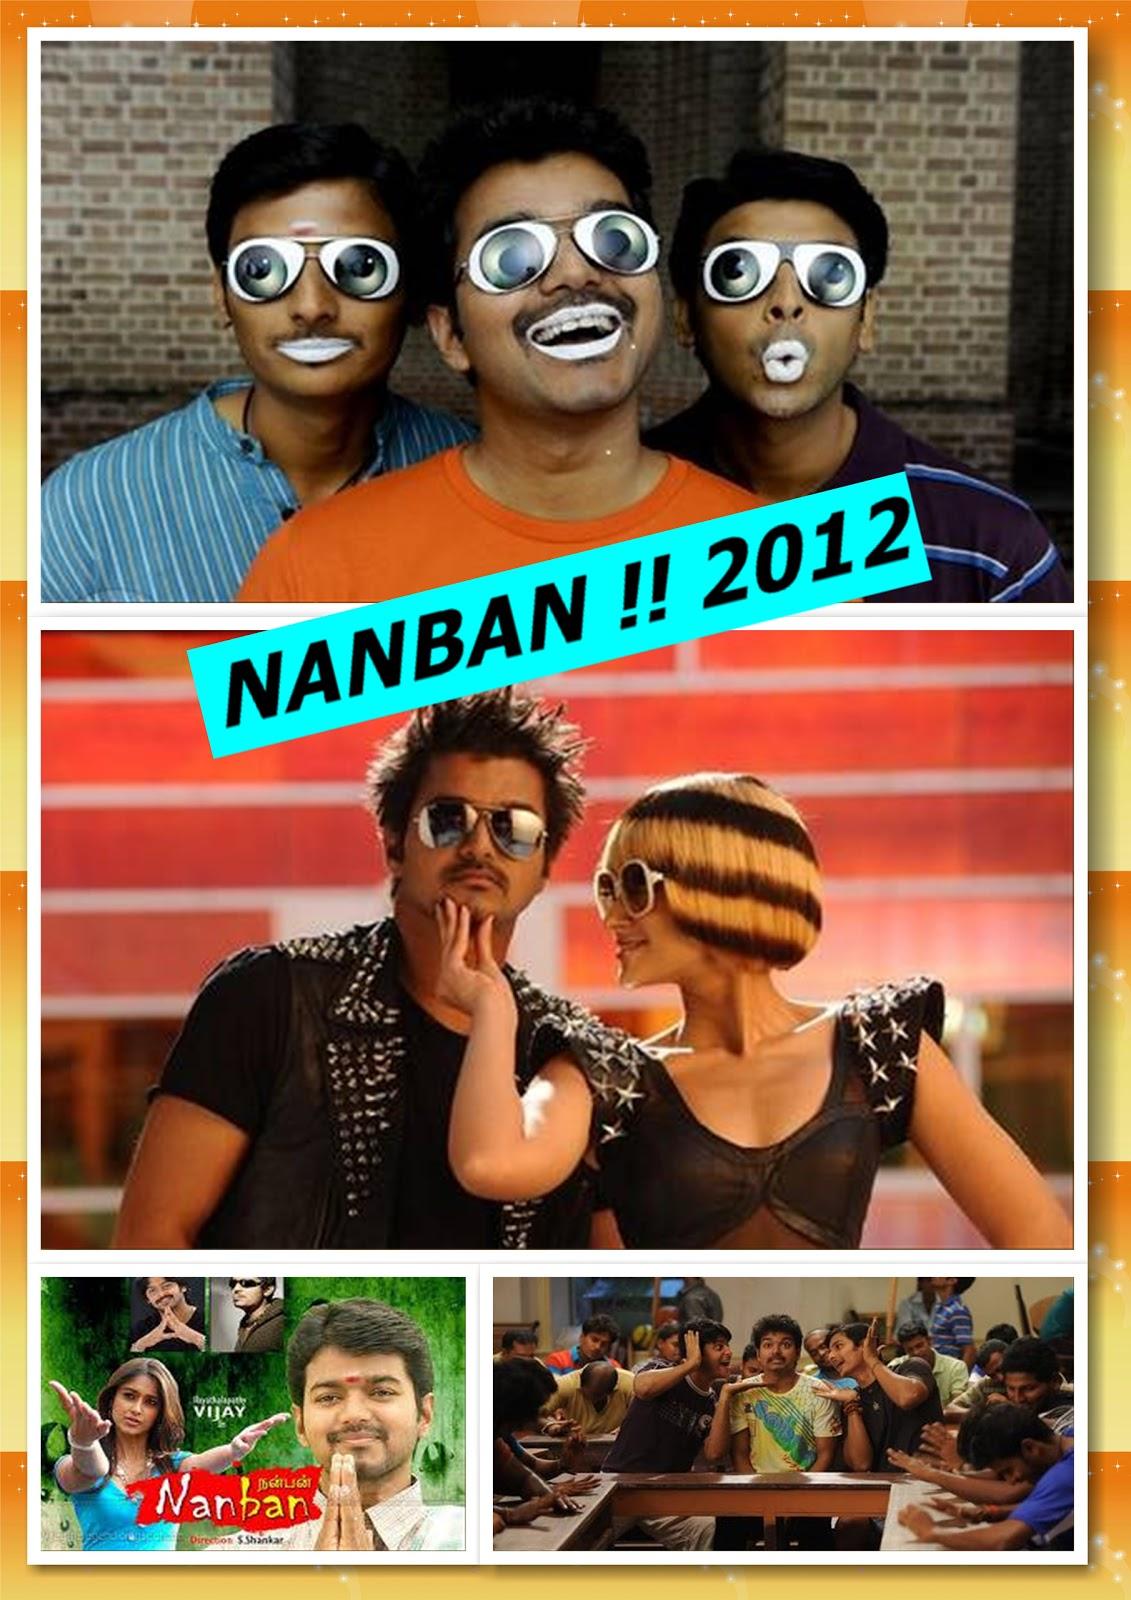 Nanban songs